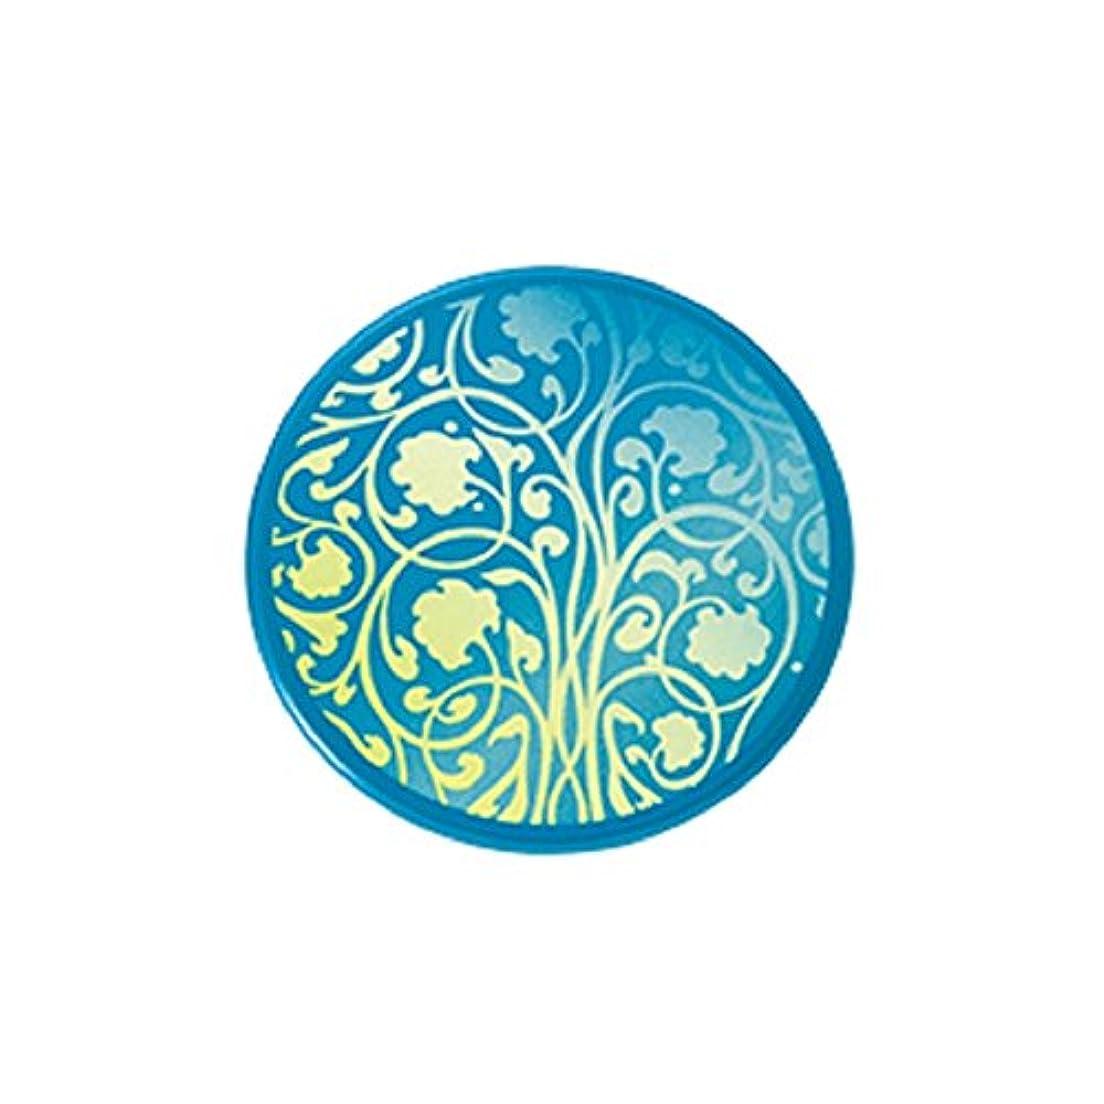 引き受ける悲鳴わずかなアユーラ (AYURA) ウェルフィット アロマバーム 14g 〈ソリッドパヒューム〉 心地よい森林の香気